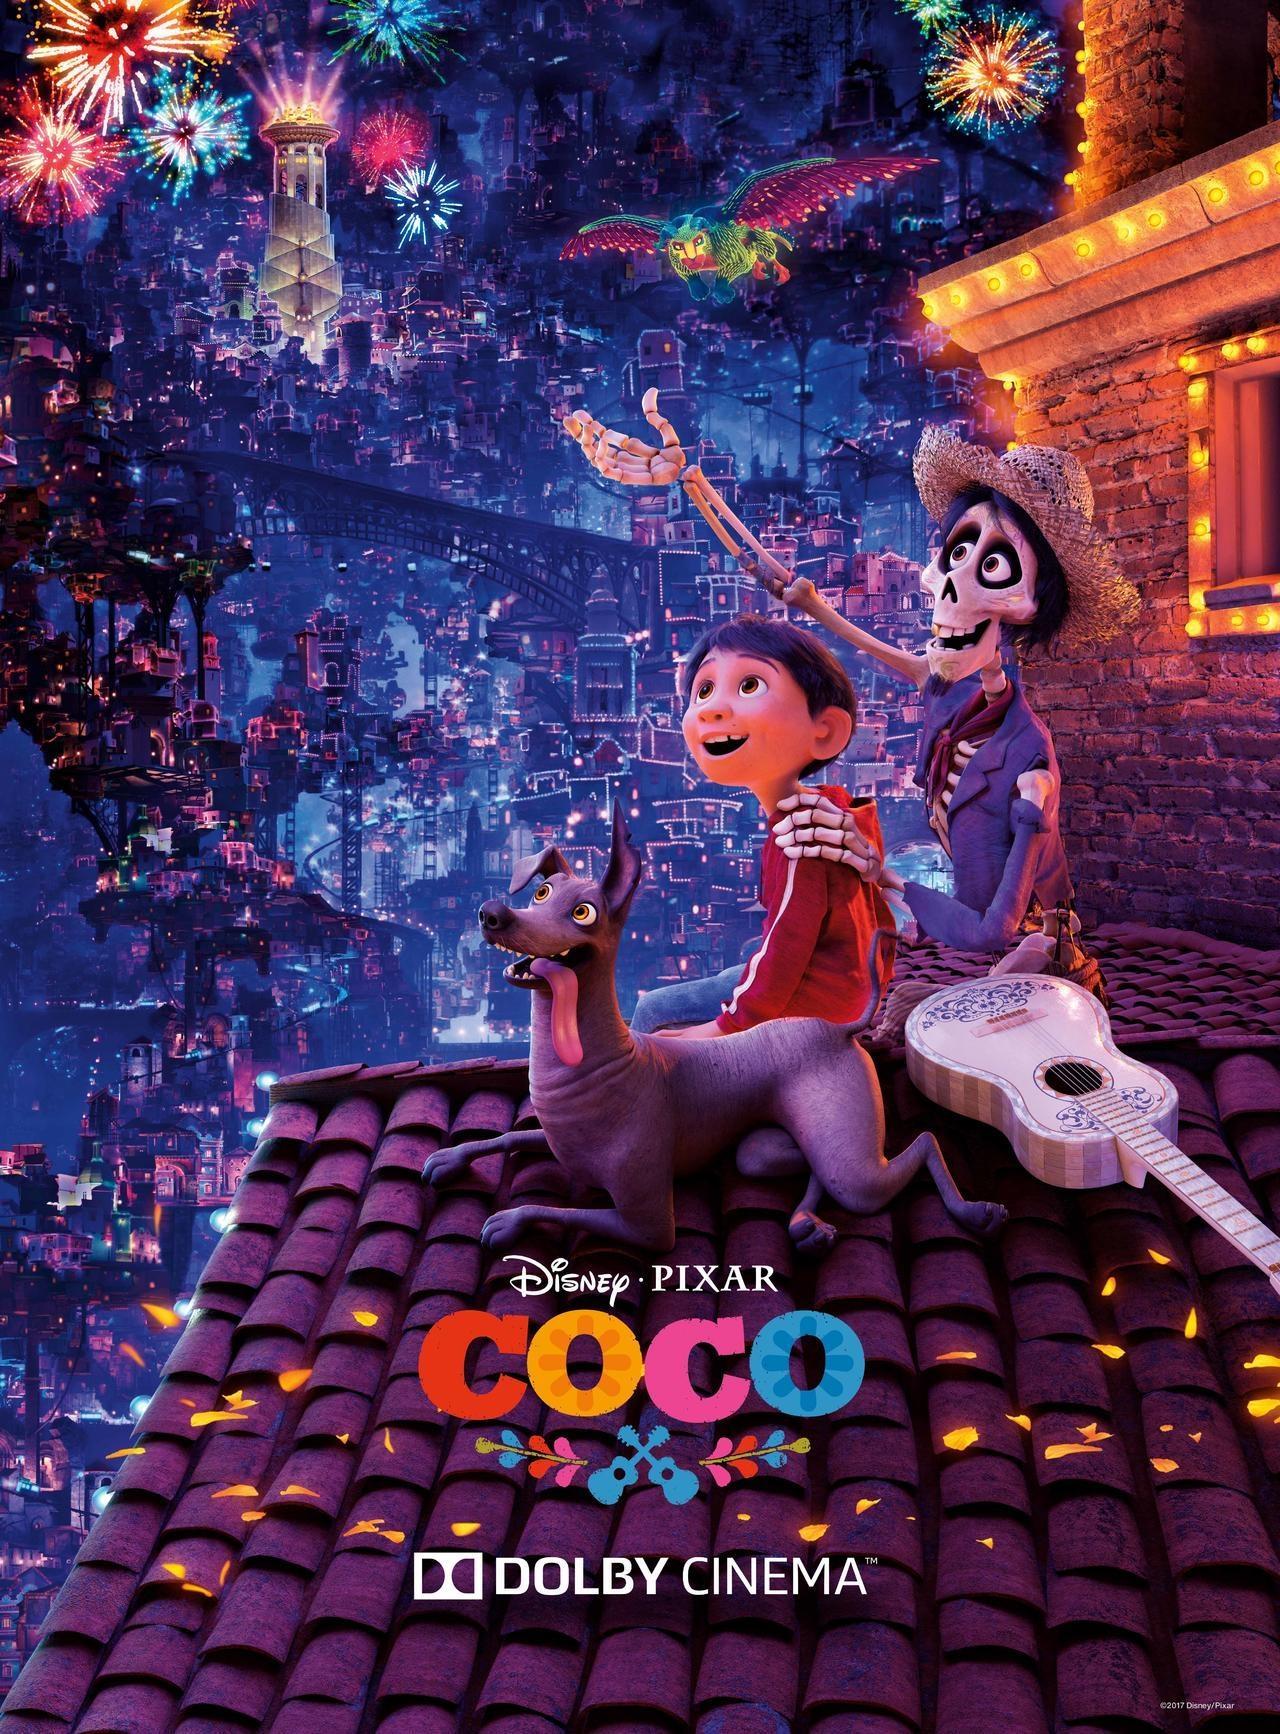 《寻梦环游记》(Coco)杜比影院版海报&片段抢先看